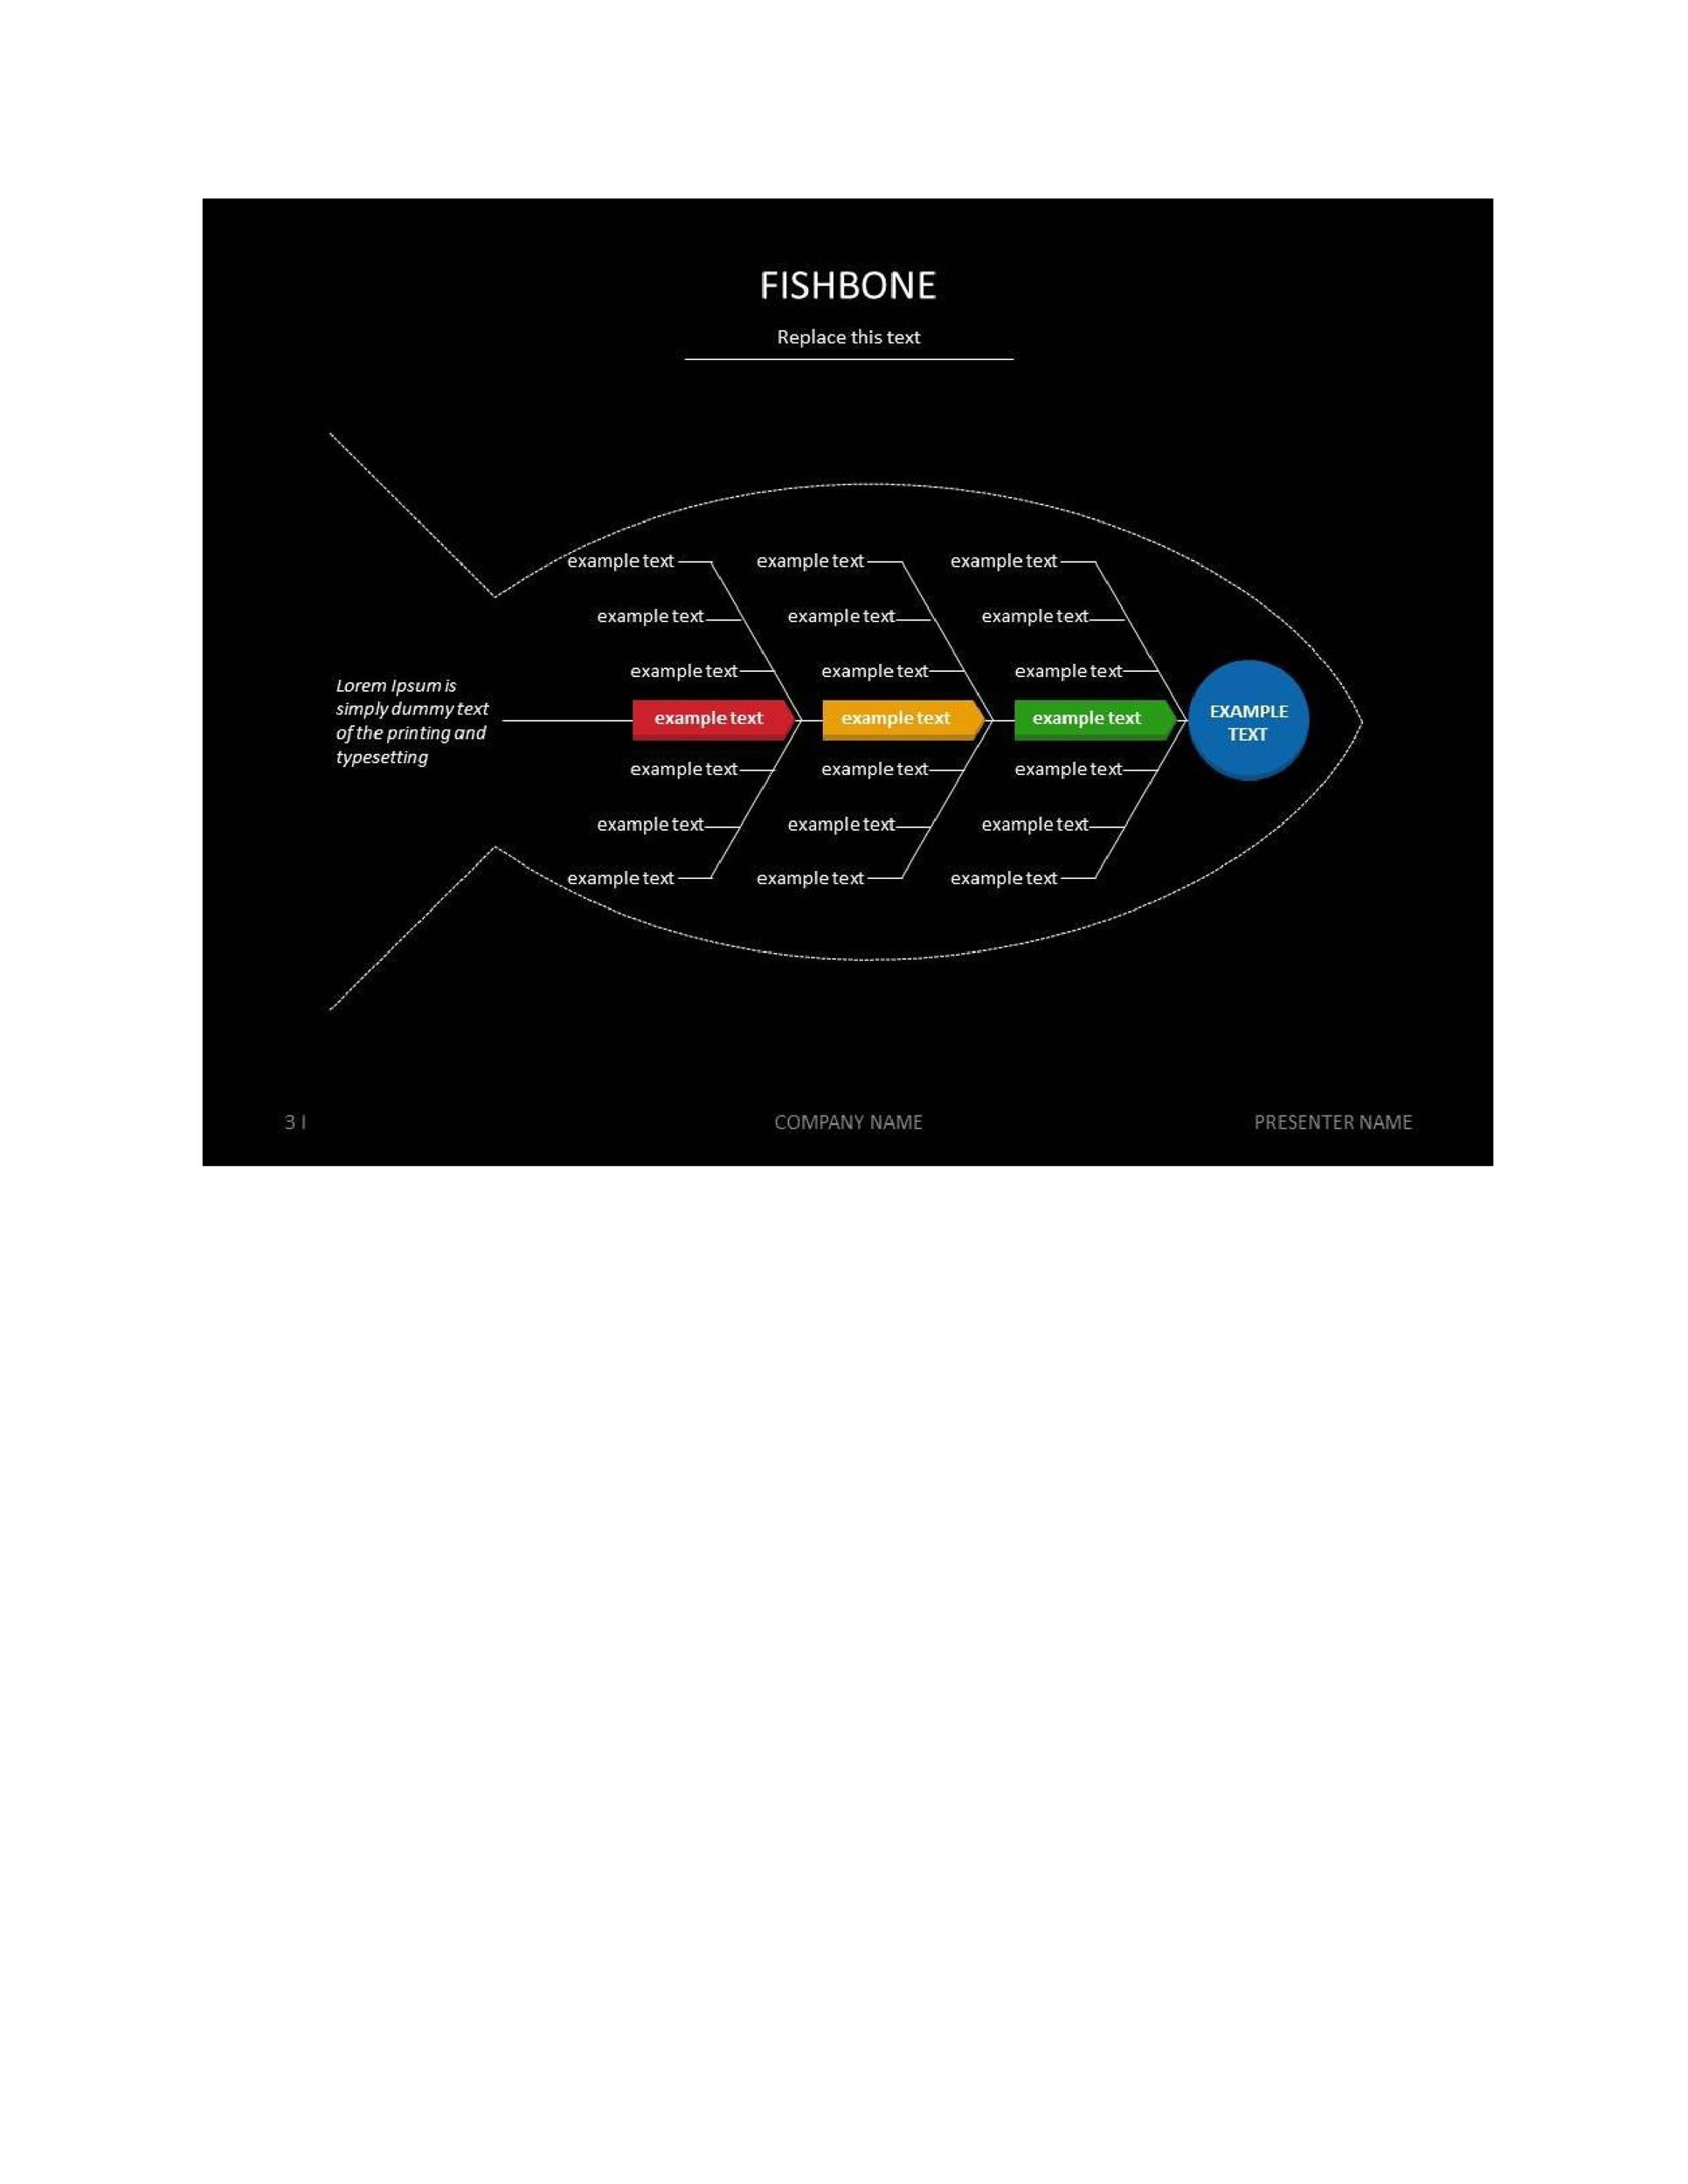 Free Fishbone Diagram Template 21